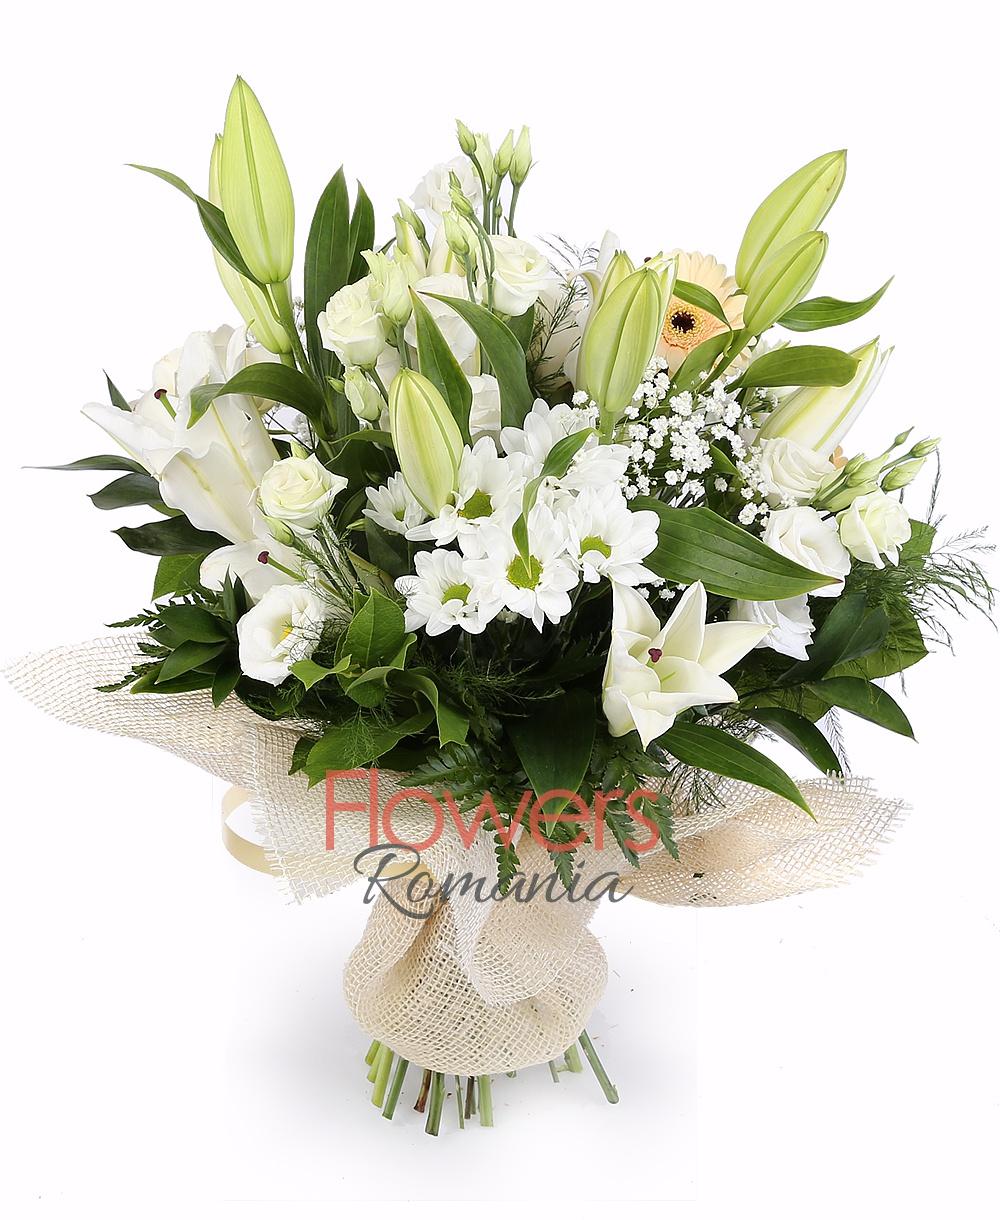 Diaphanous bouquet